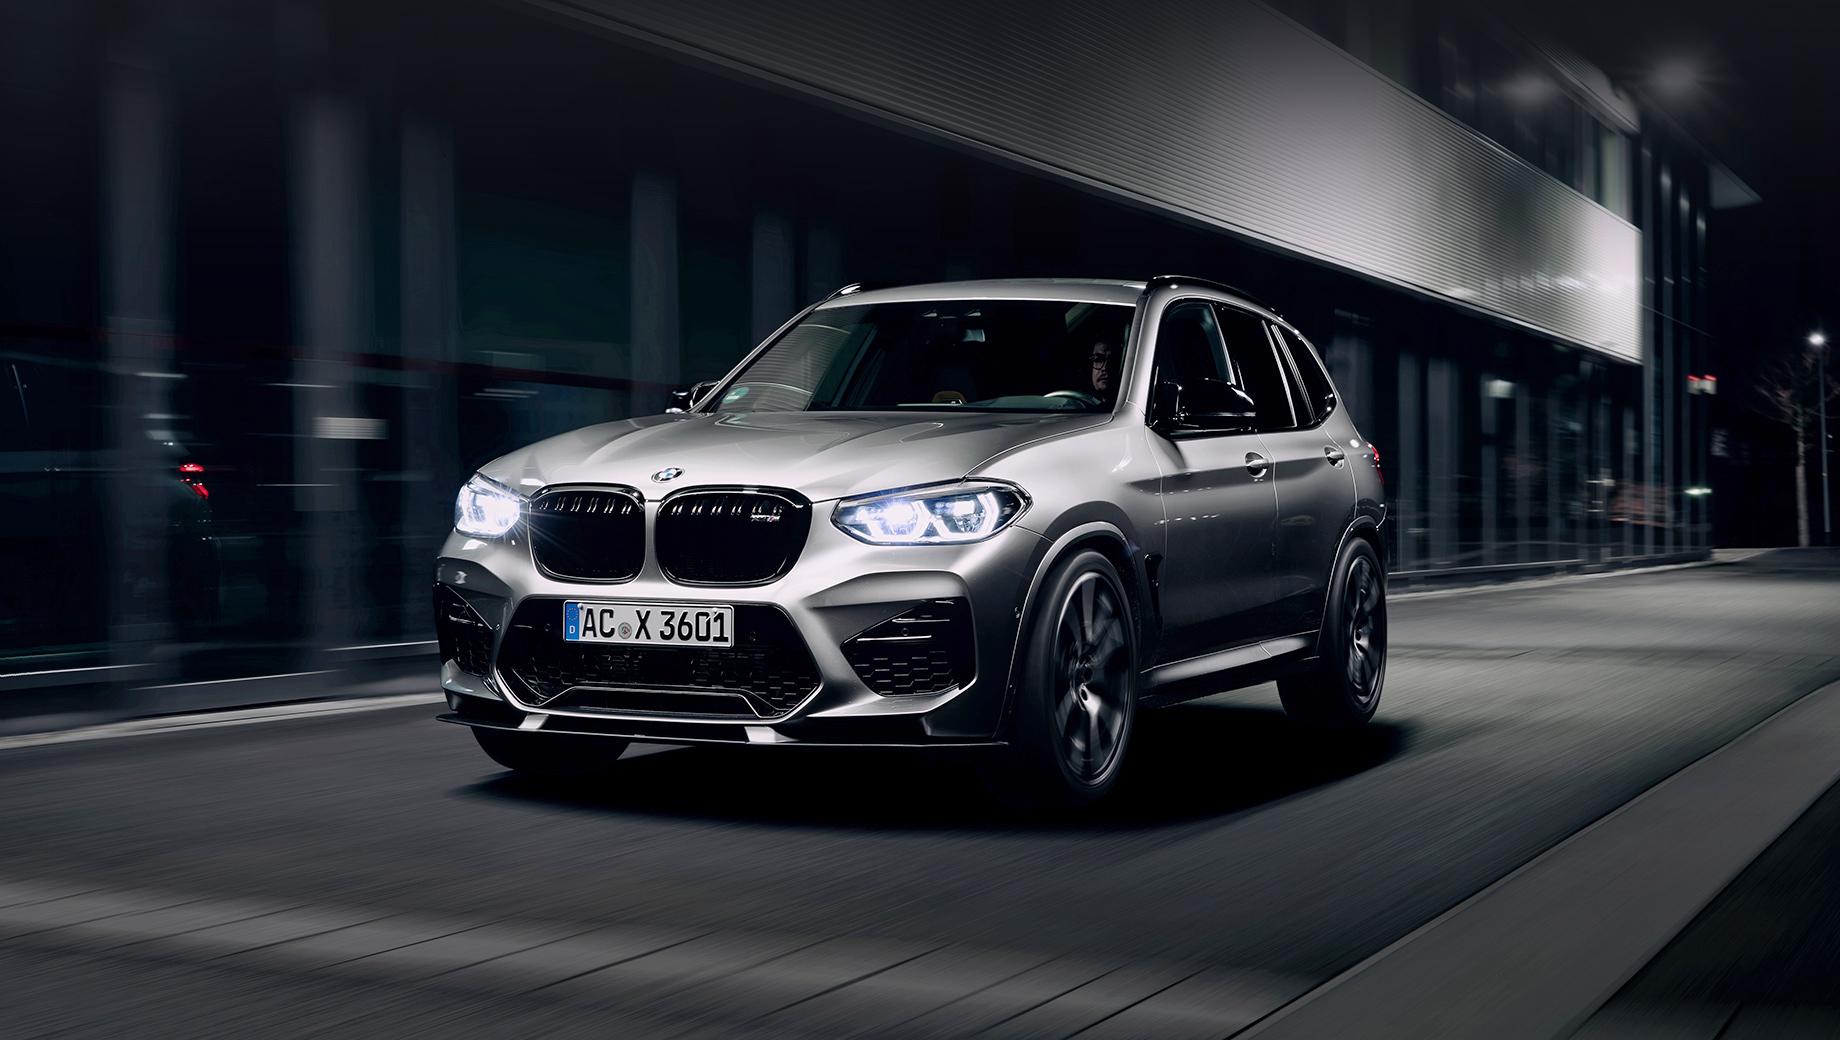 Bmw x3 m,Bmw x3,Bmw x3 m compettion. Дизайн от Шнитцера может привлечь любителей выделиться в потоке, если по какой-то причине им не по душе обвес от самой BMW из каталога M Performance Parts.